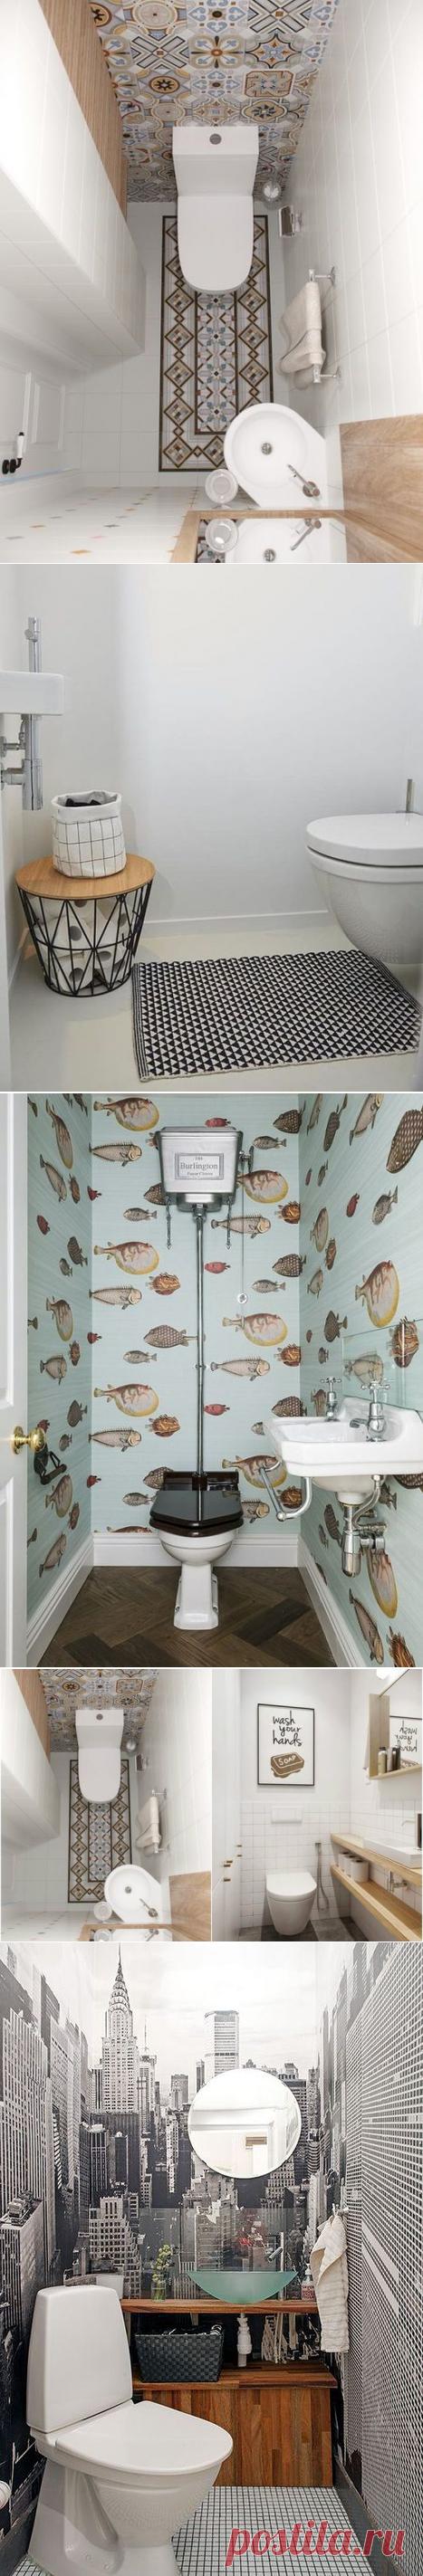 Секреты стильной организации небольшого туалета | Мой дом